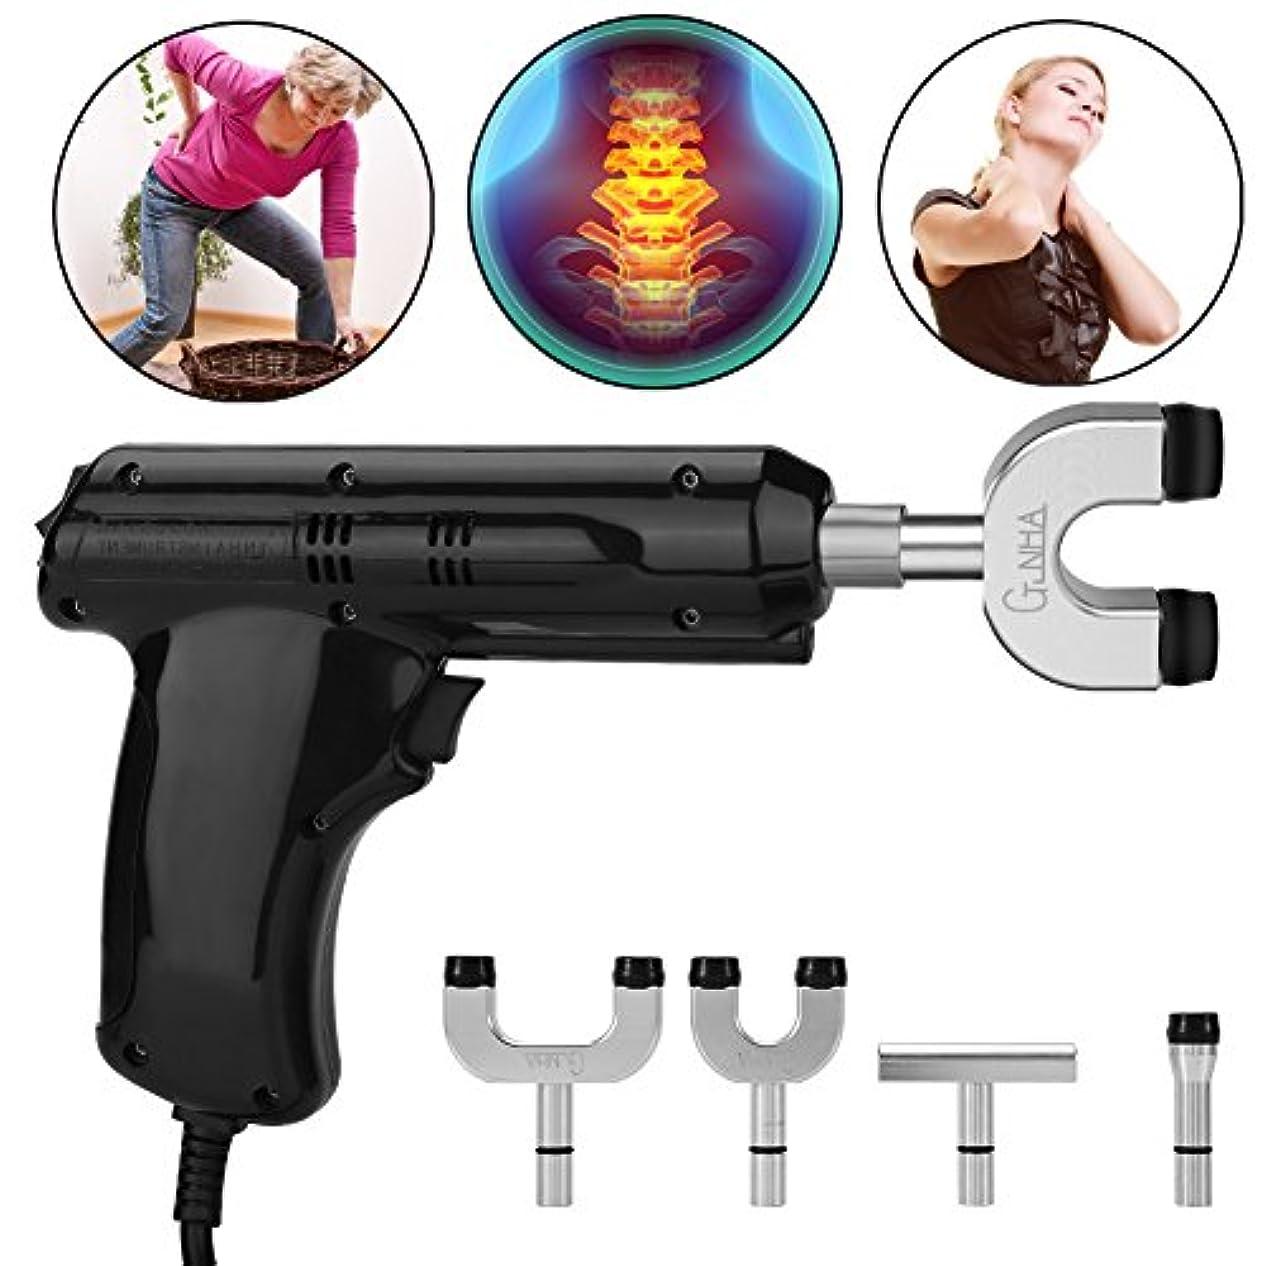 数字憂鬱ライナー電動カイロプラクター、カイロプラクター、背骨と胸郭を調整するための身体緩和ツール、黒